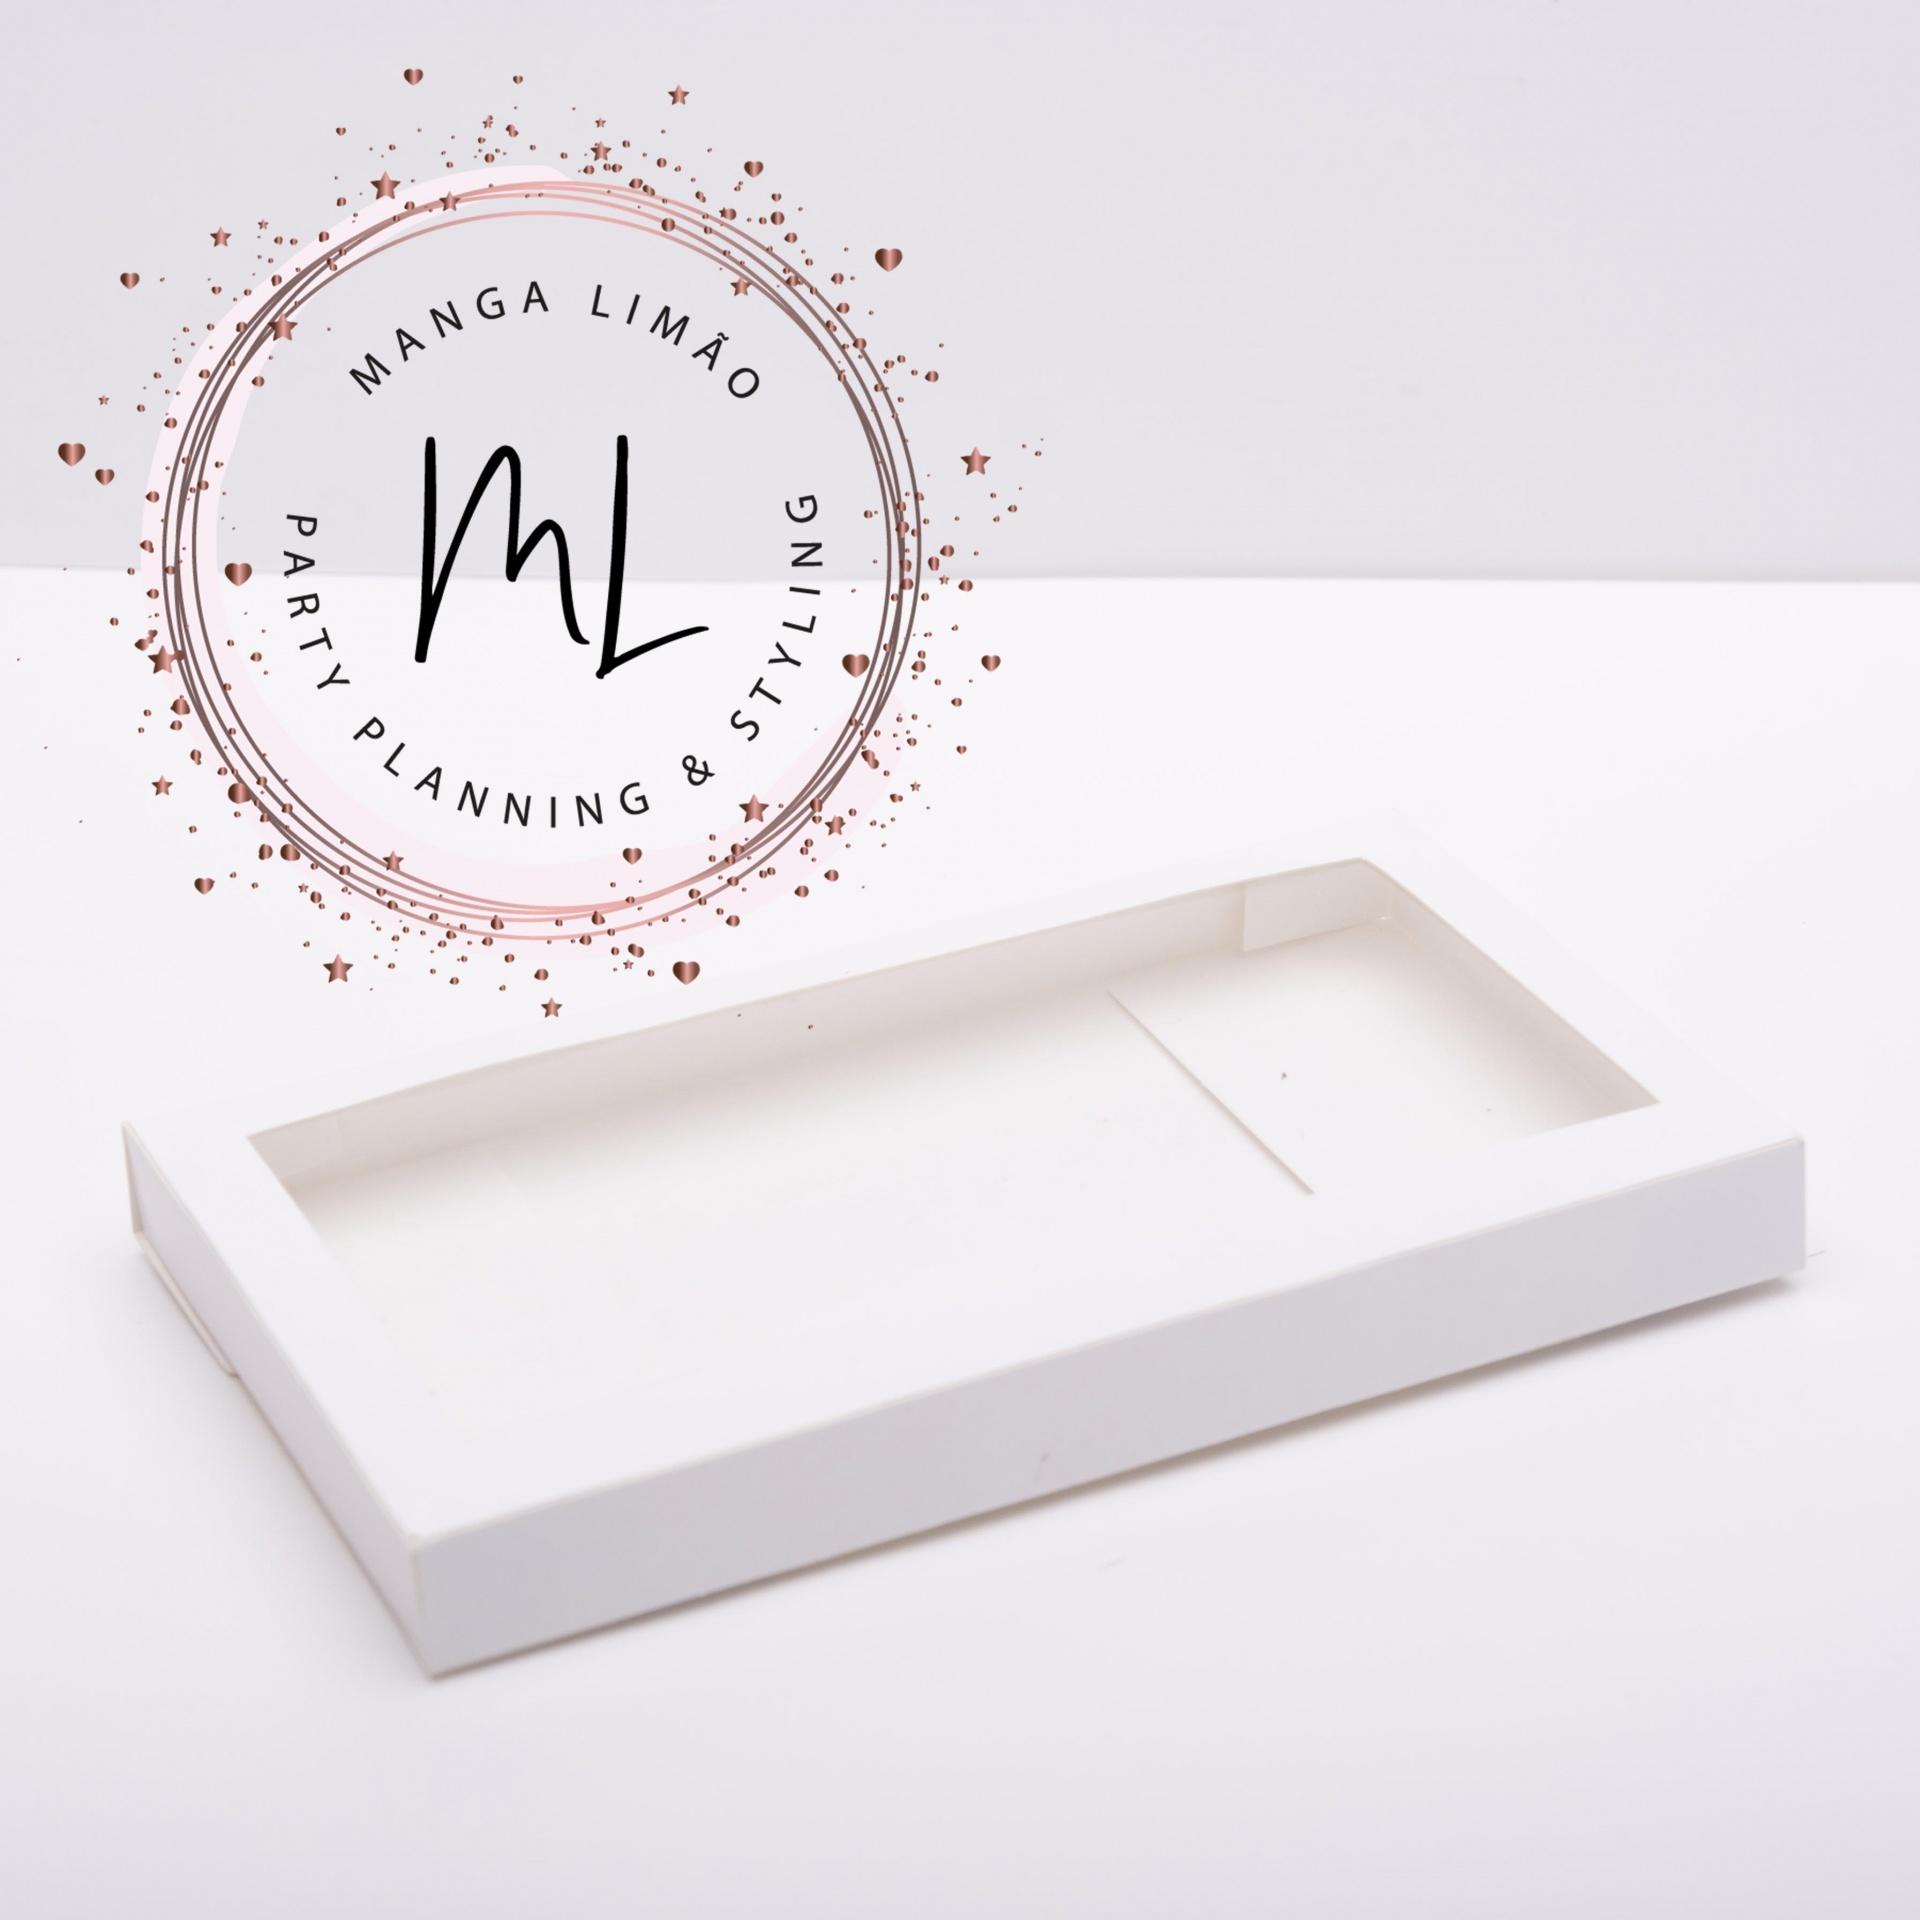 Caixa para tablete de chocolate